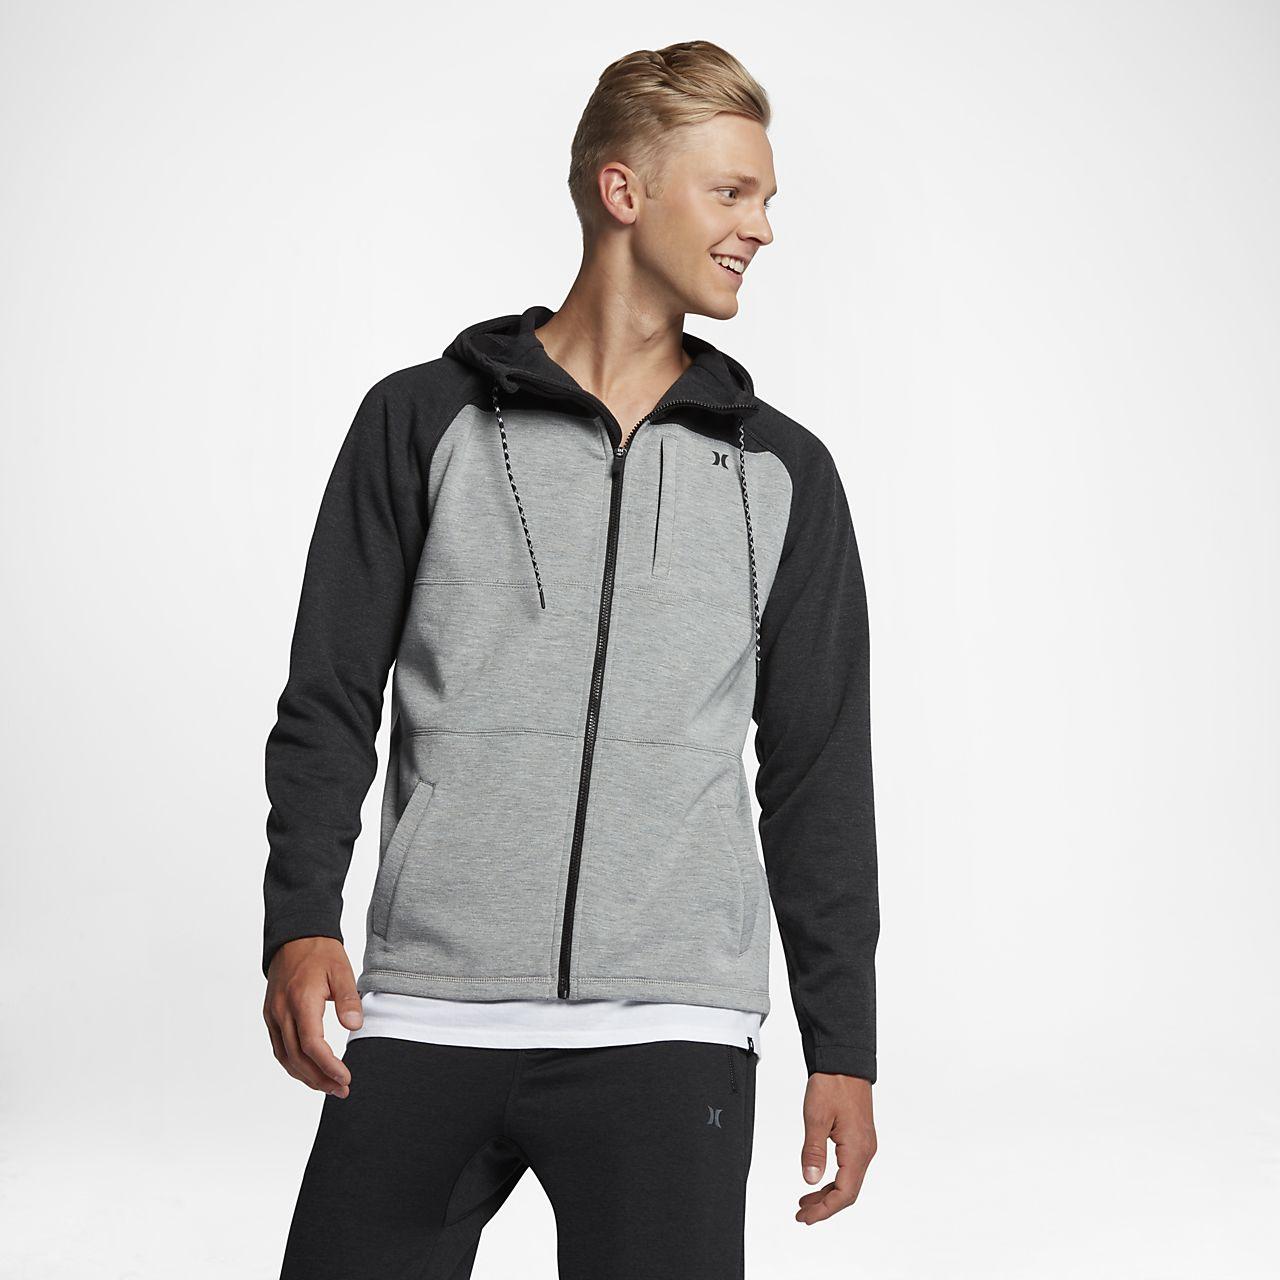 Sudadera con capucha para hombre Hurley Therma Protect Plus Zip